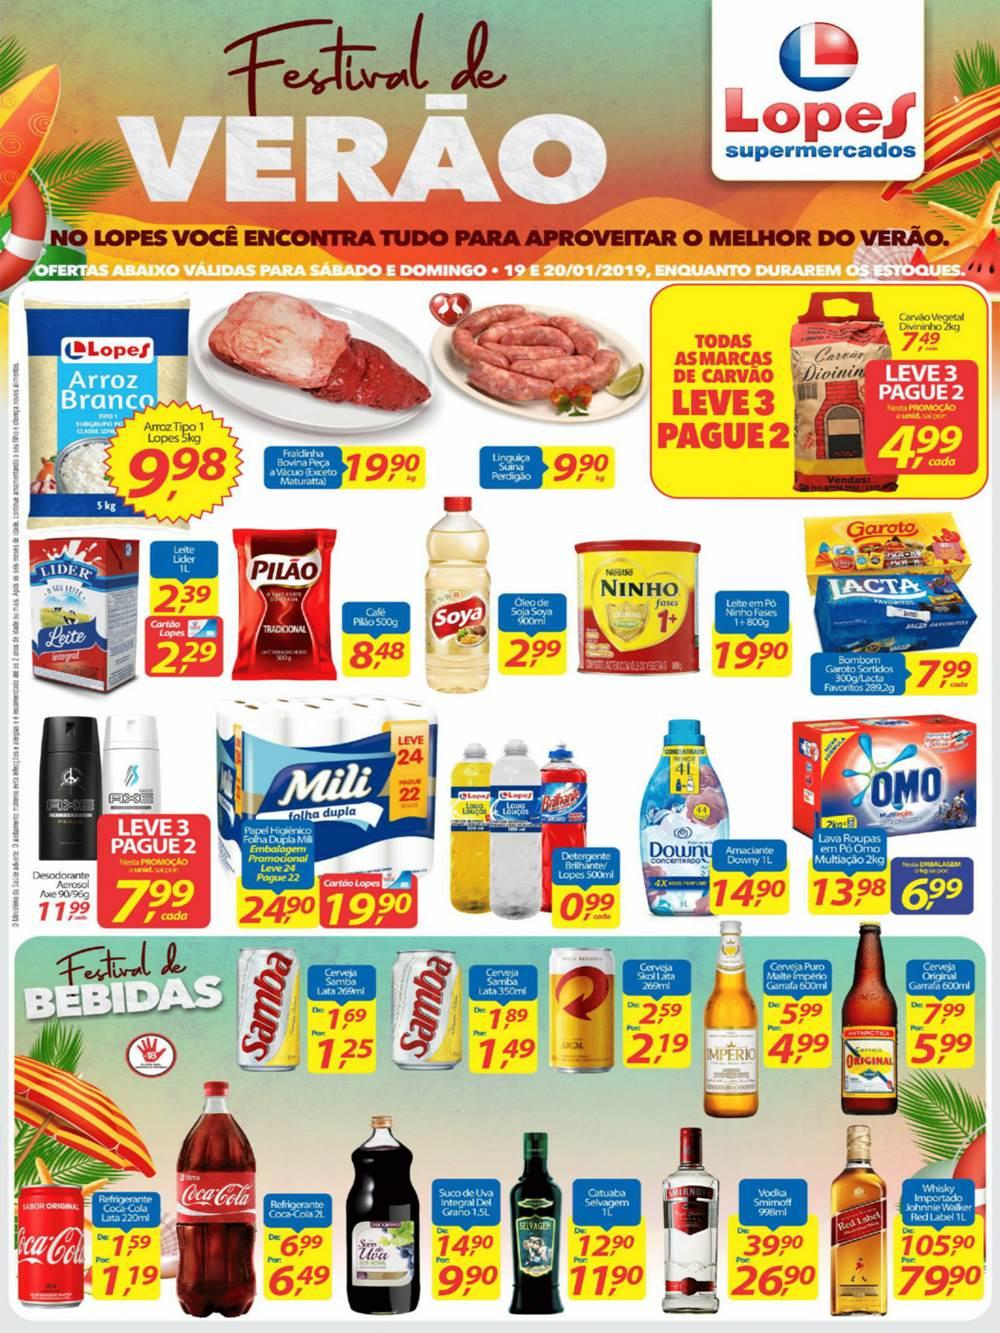 Ofertas-Lopes1-2 Ofertas de Supermercados - Economize!